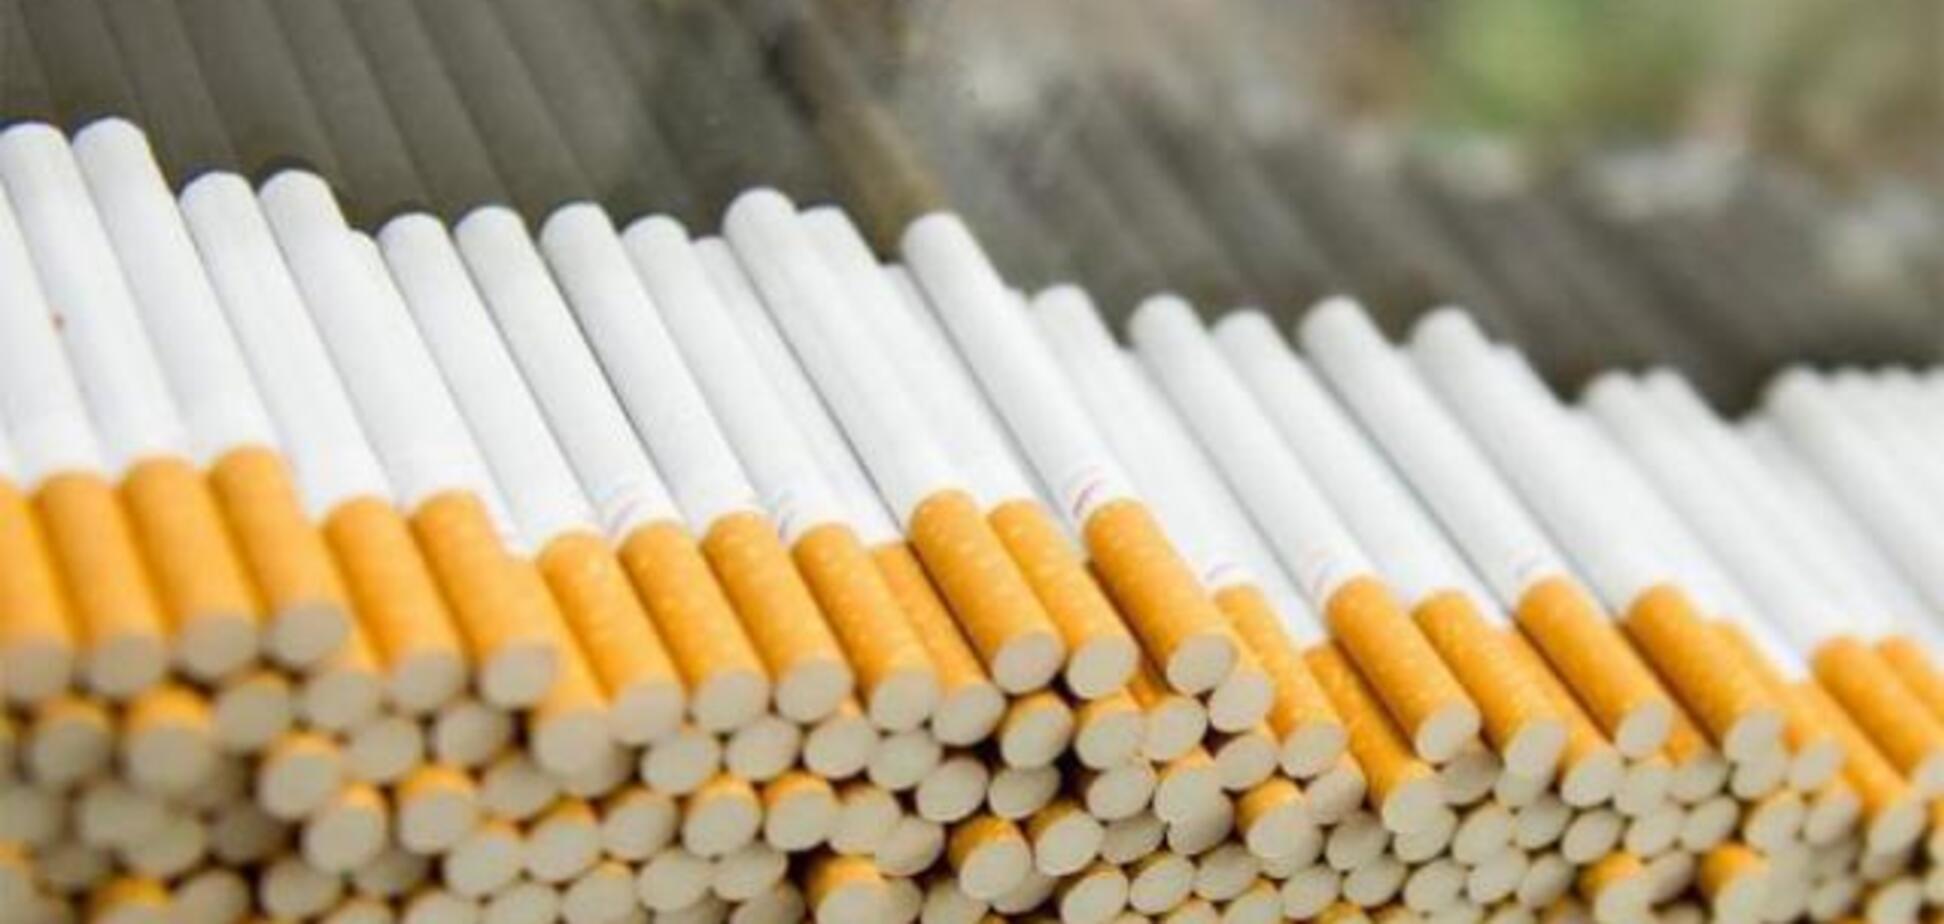 В Україні можуть підскочити ціни на цигарки: скільки коштуватиме пачка